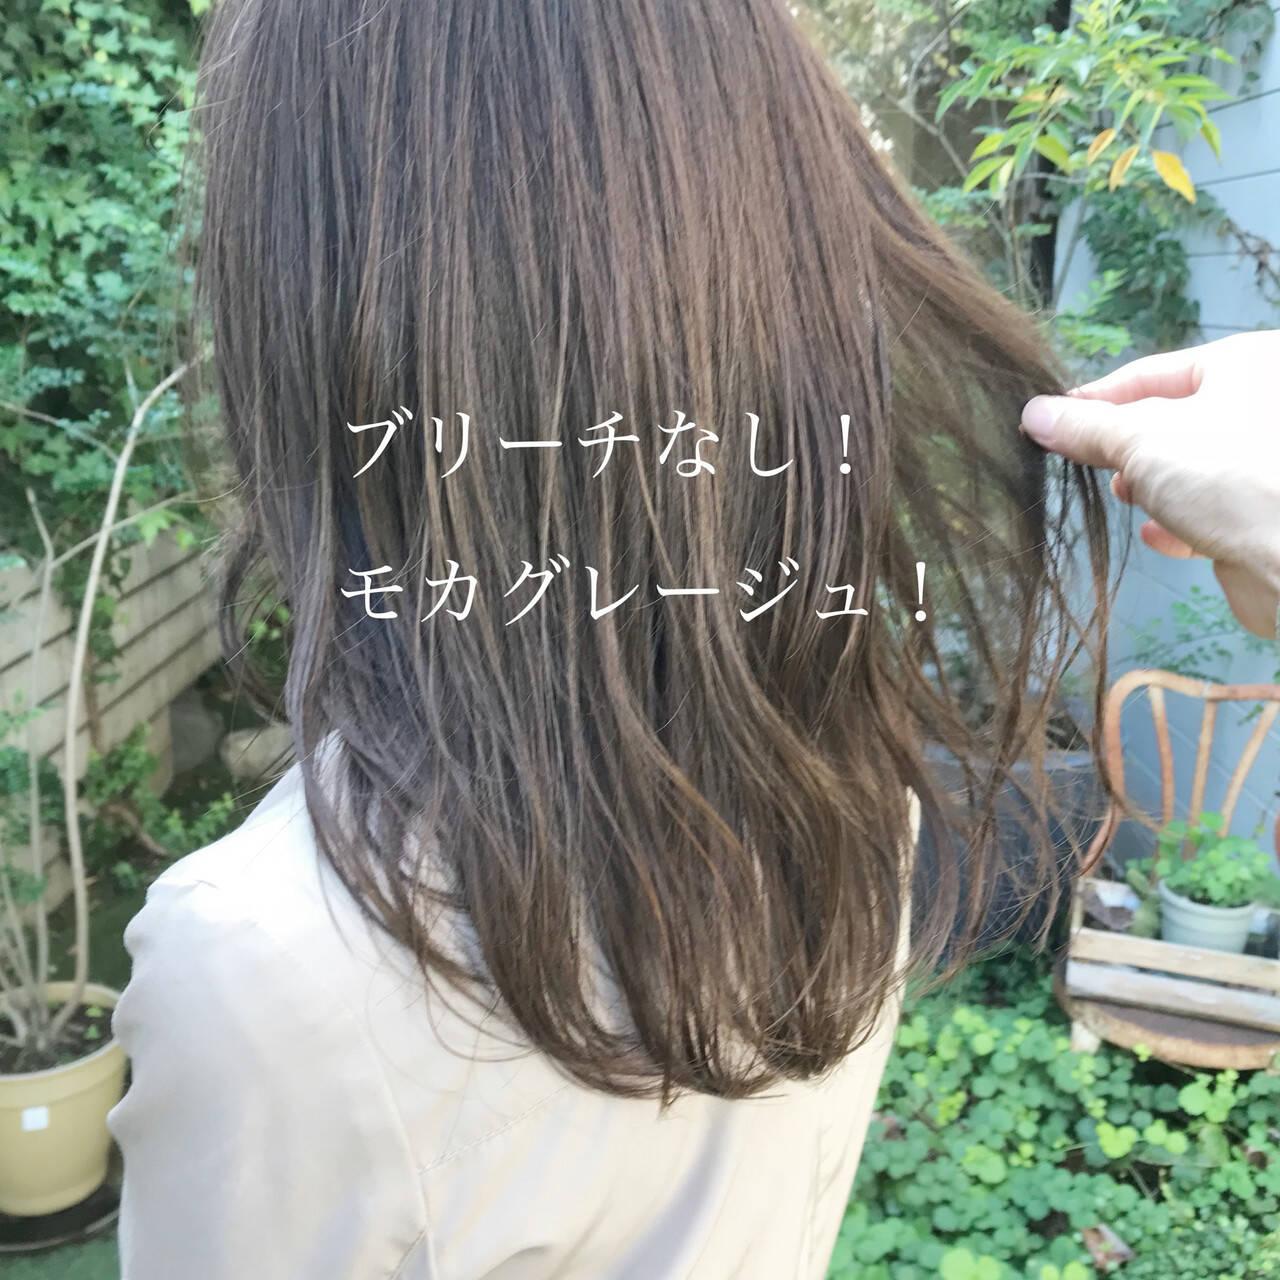 グレージュ ヘアカラー ベージュ セミロングヘアスタイルや髪型の写真・画像